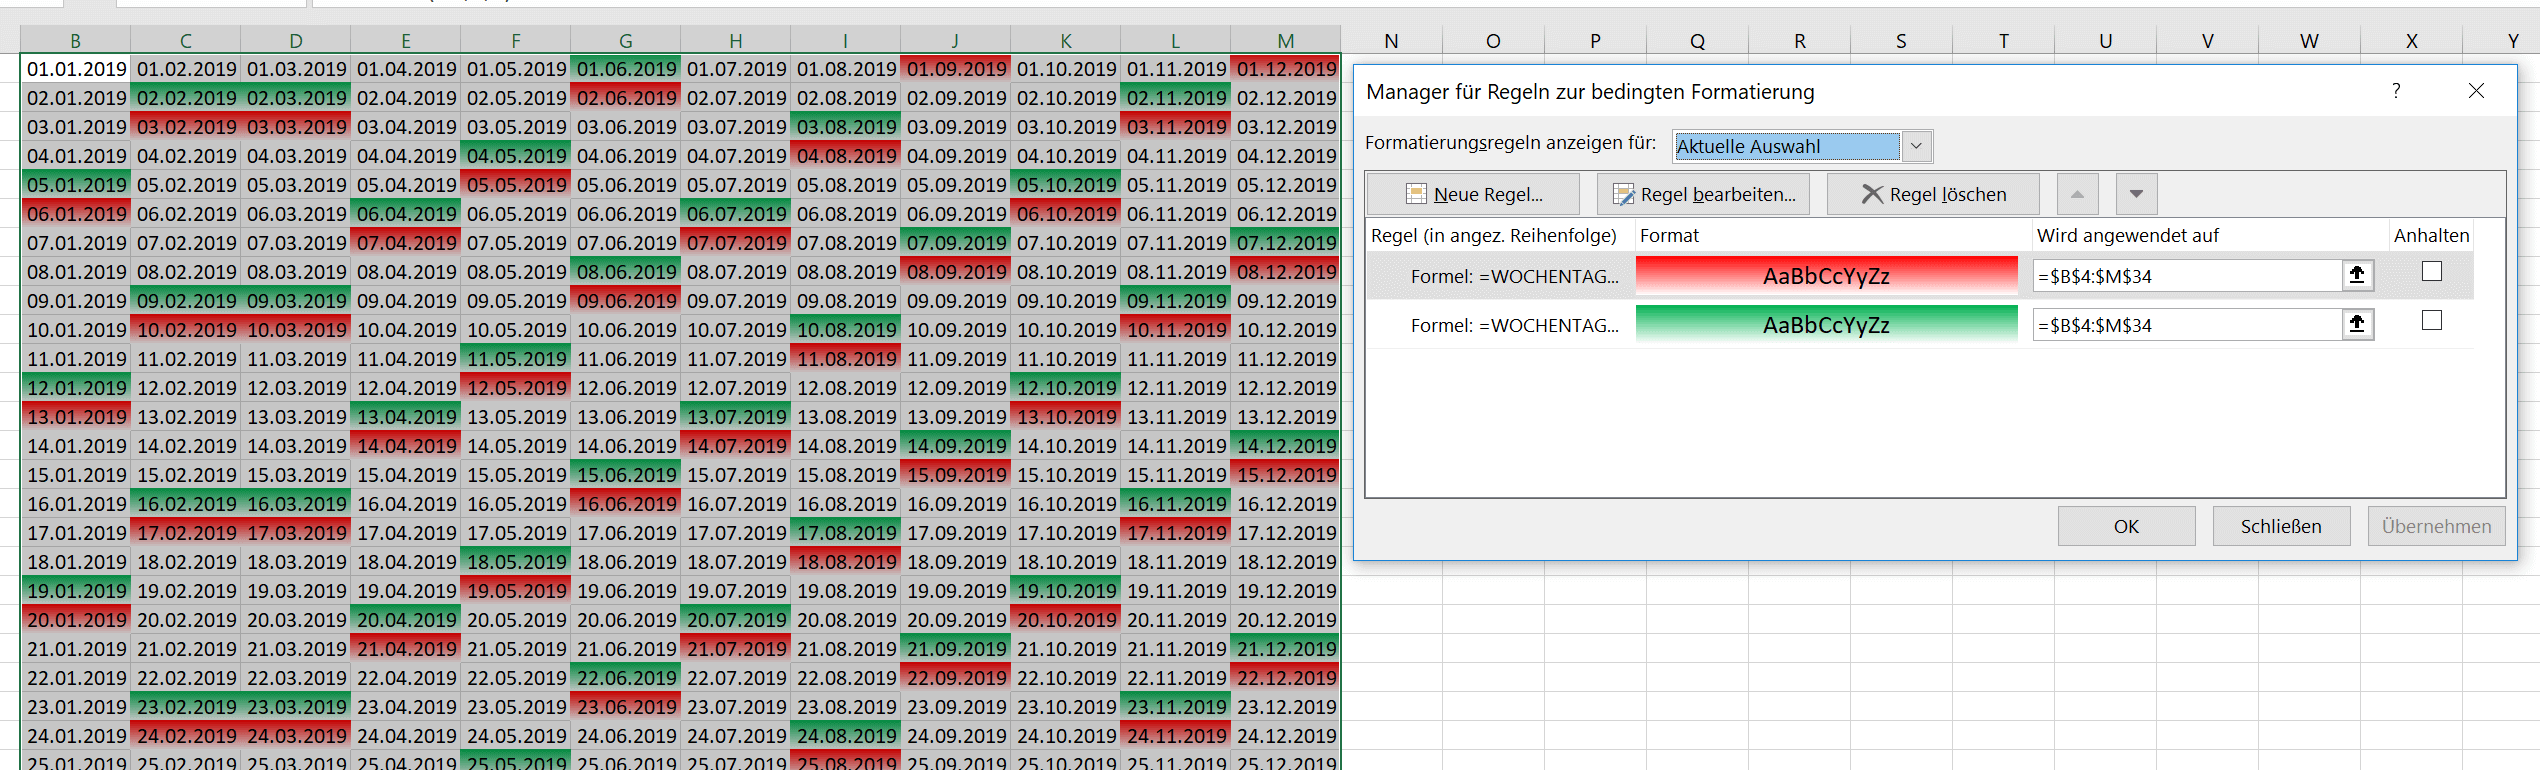 Excel Kalender Sonntage formatieren